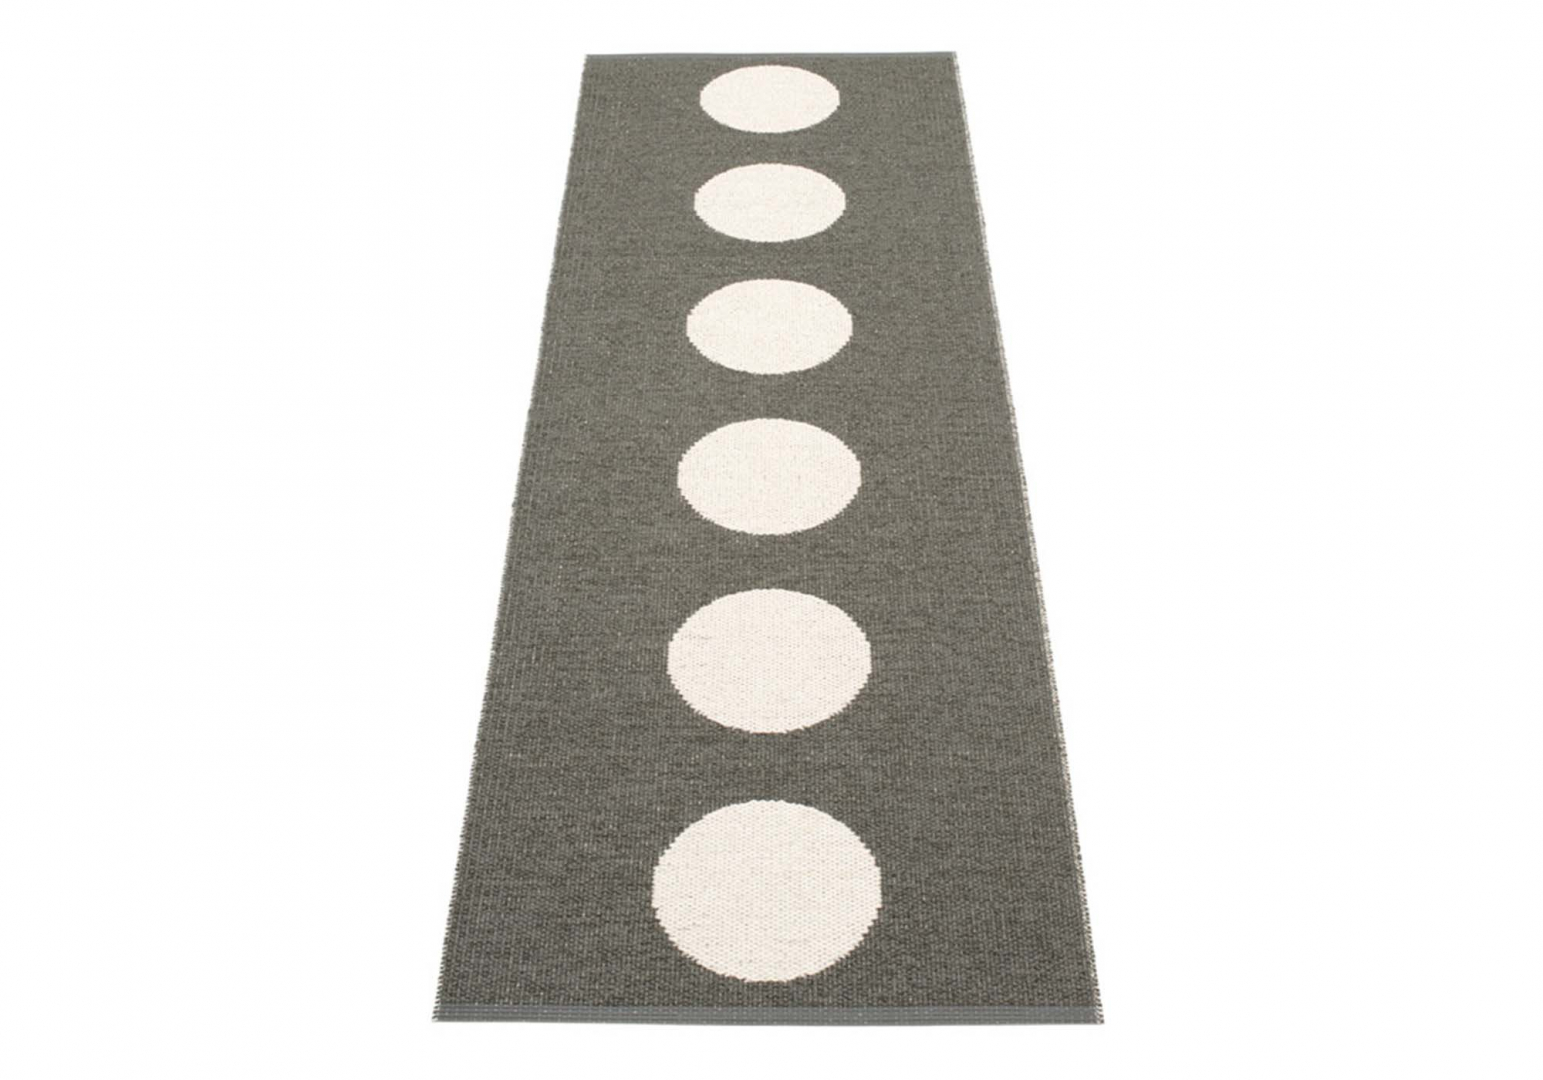 tapis vera inout design - pappelina